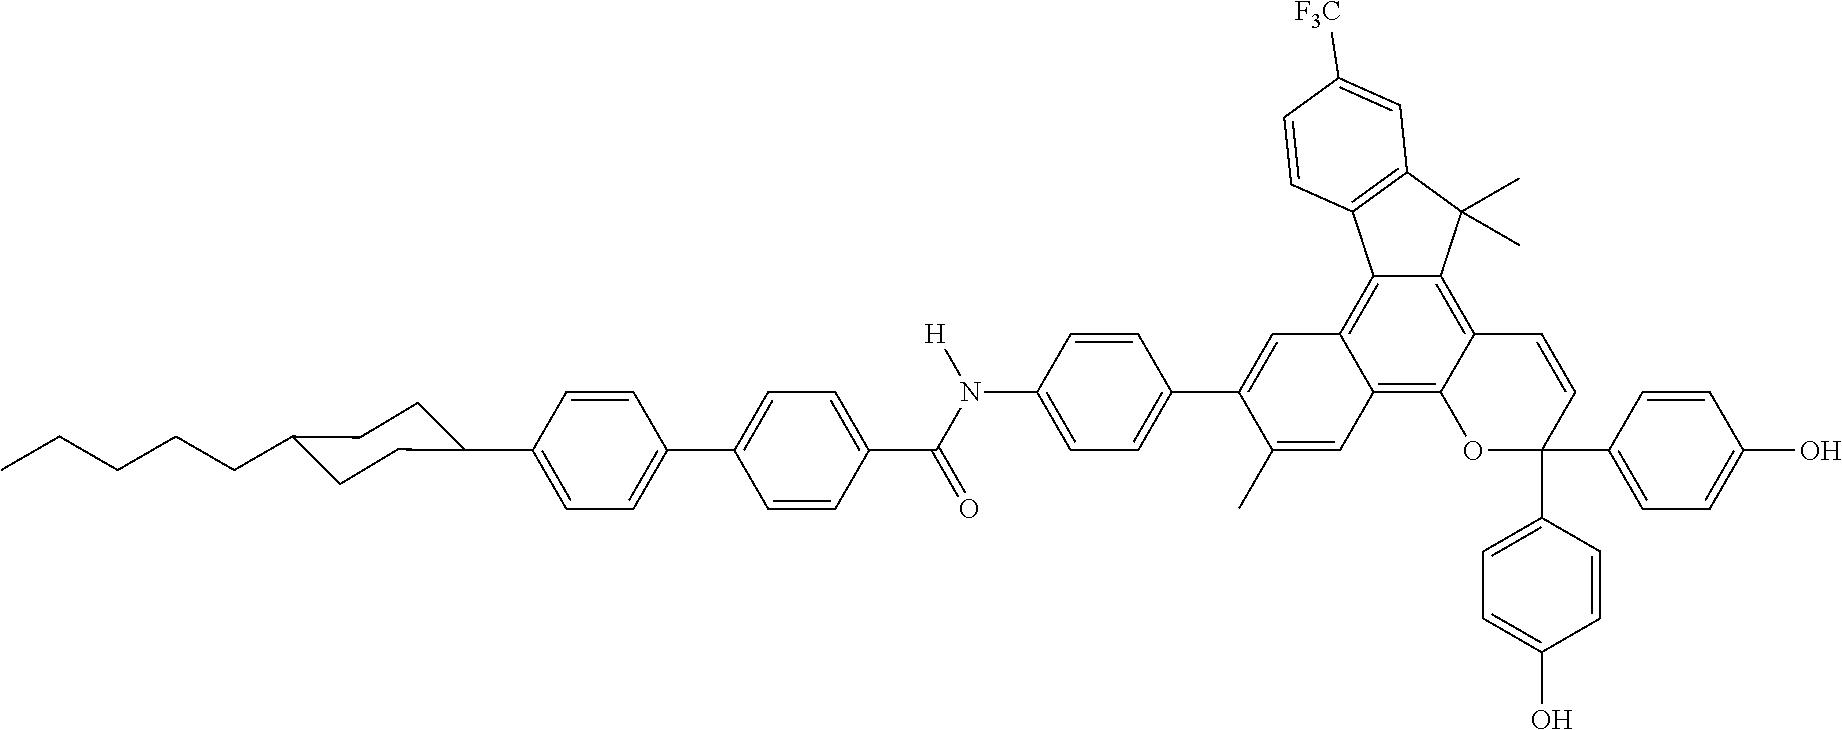 Figure US08518546-20130827-C00071